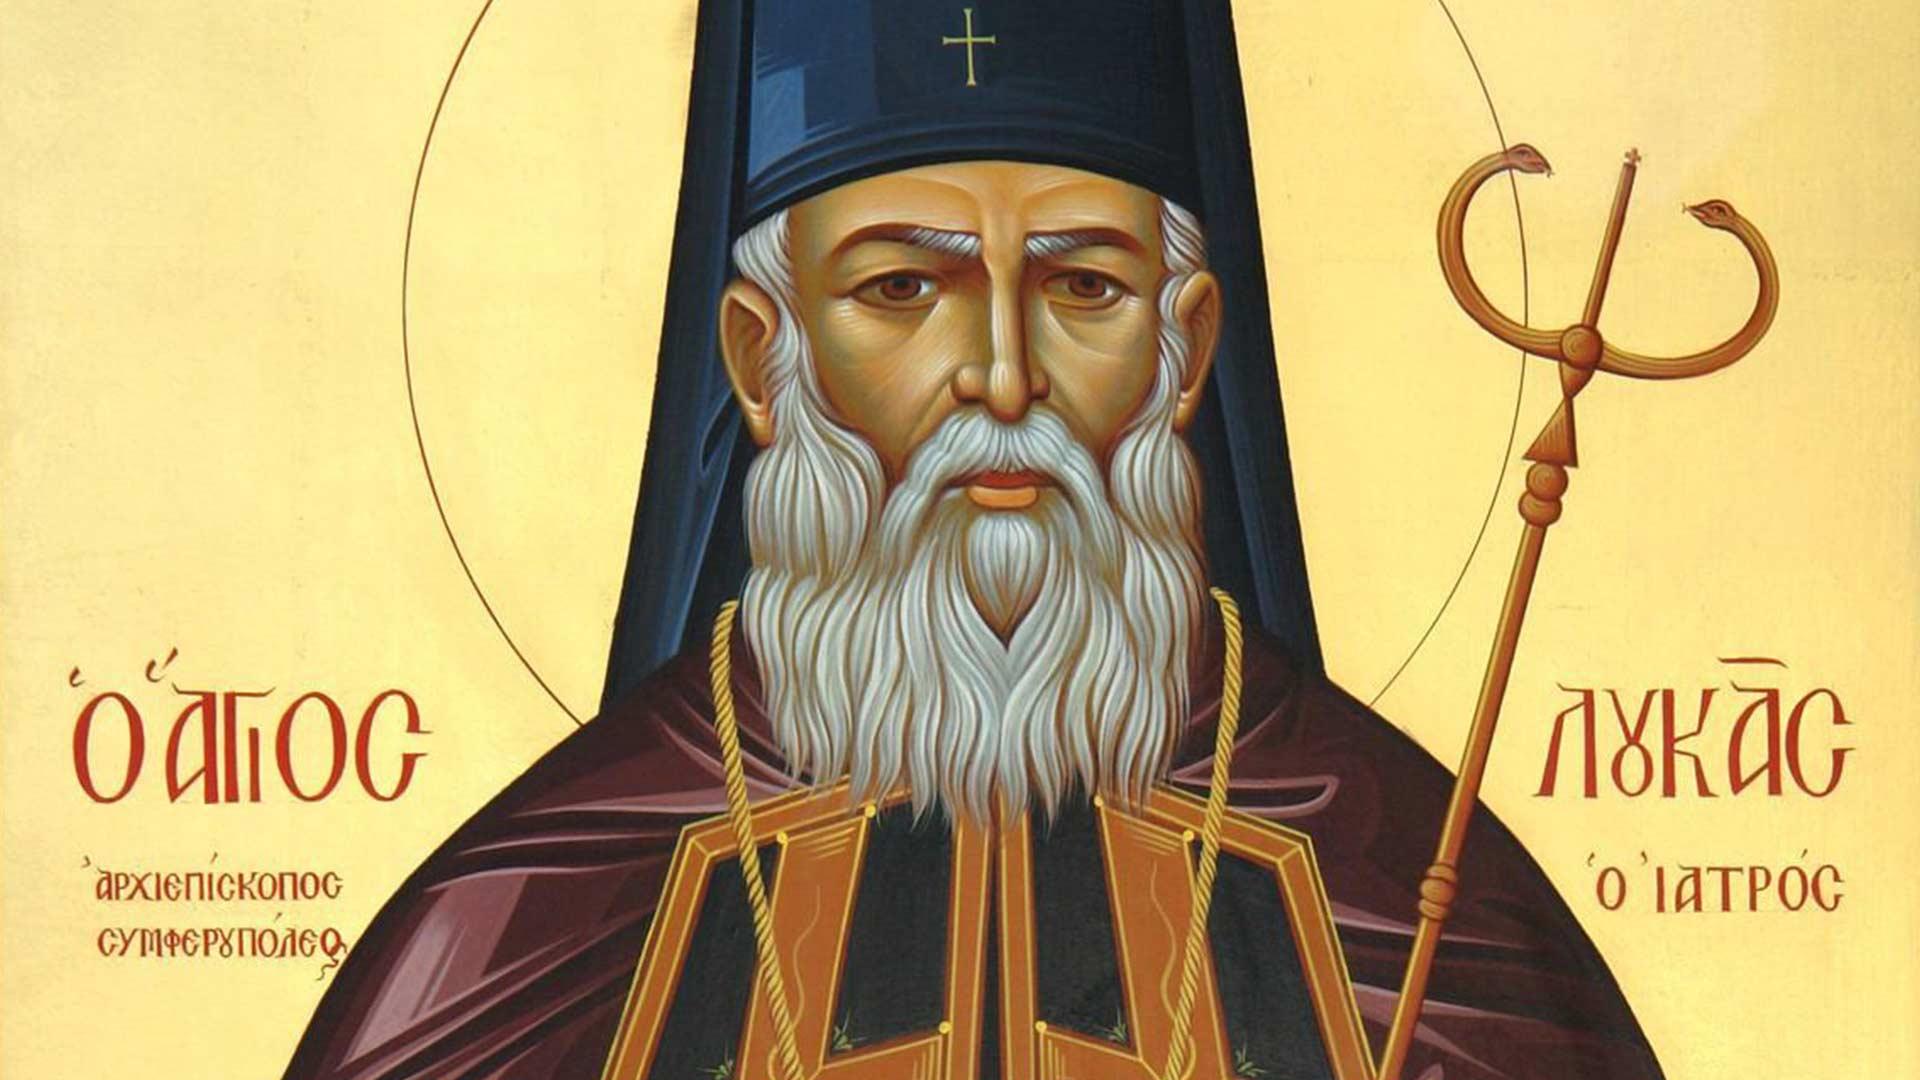 «Γιατρέ, πρέπει να γίνεις ιερέας» - Άγιος Λουκάς ο ιατρός